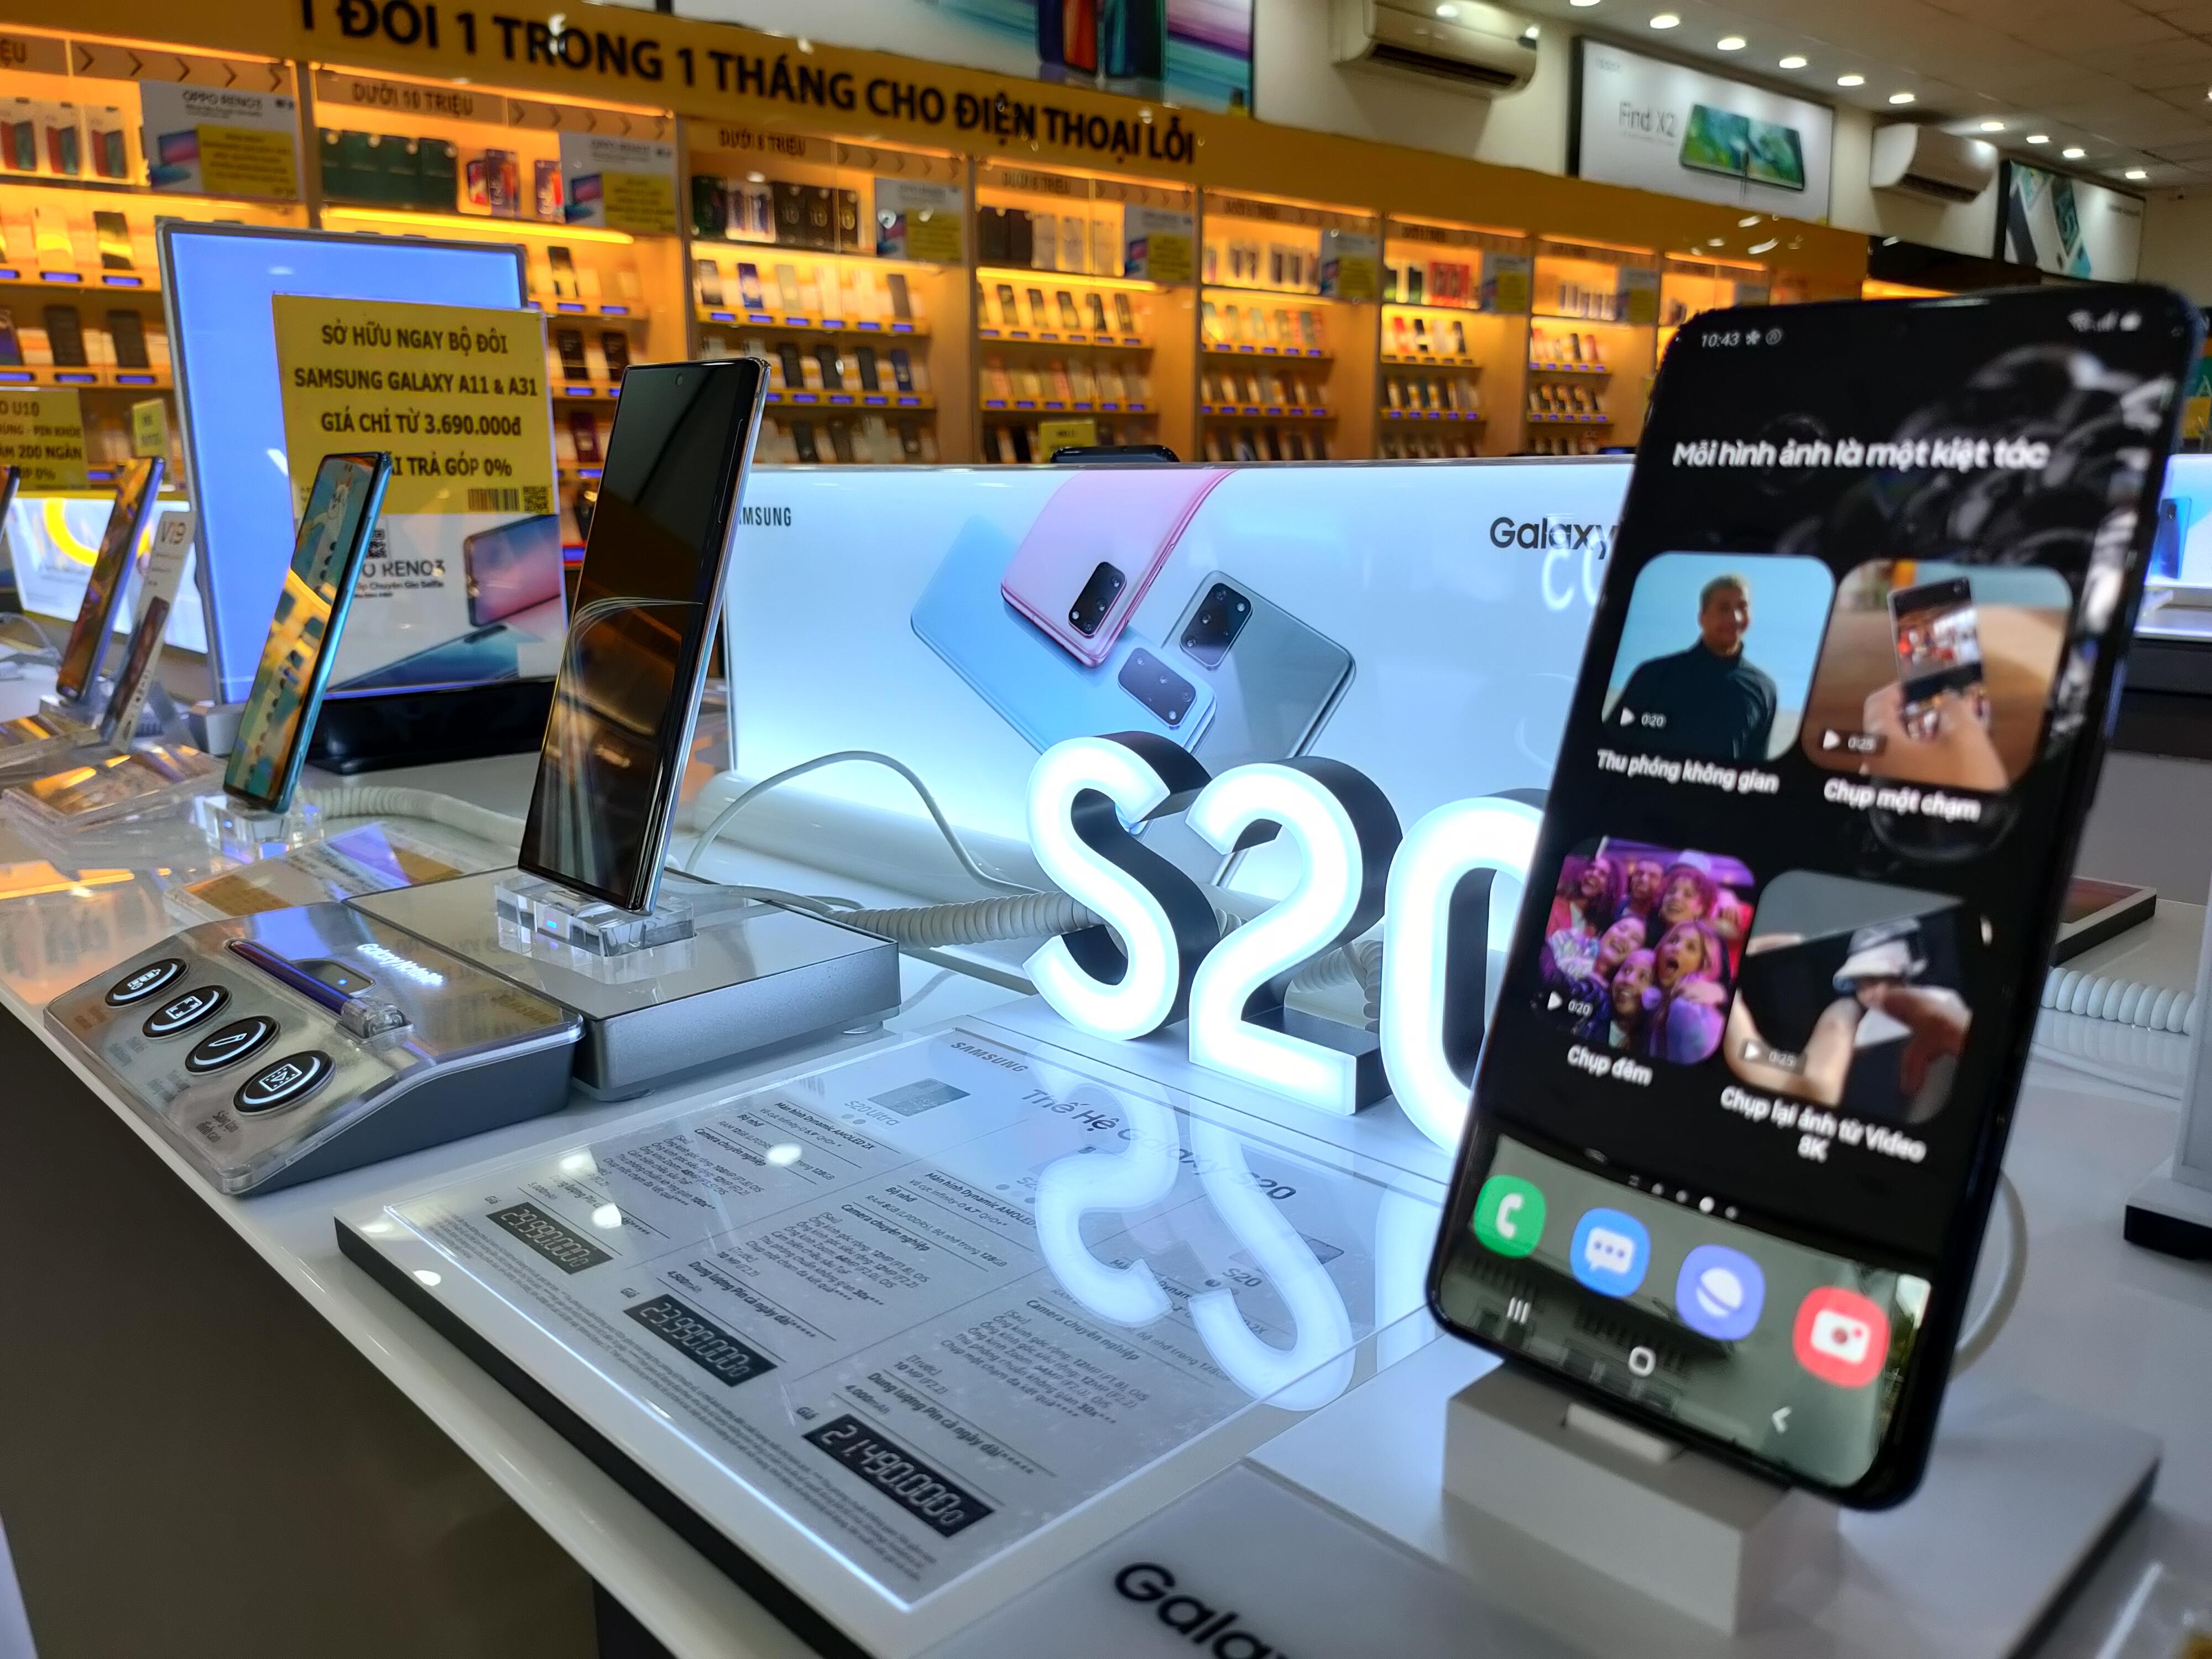 Android và iPhone tiếp tục biến động trong chương trình điện thoại giảm giá - Ảnh 1.